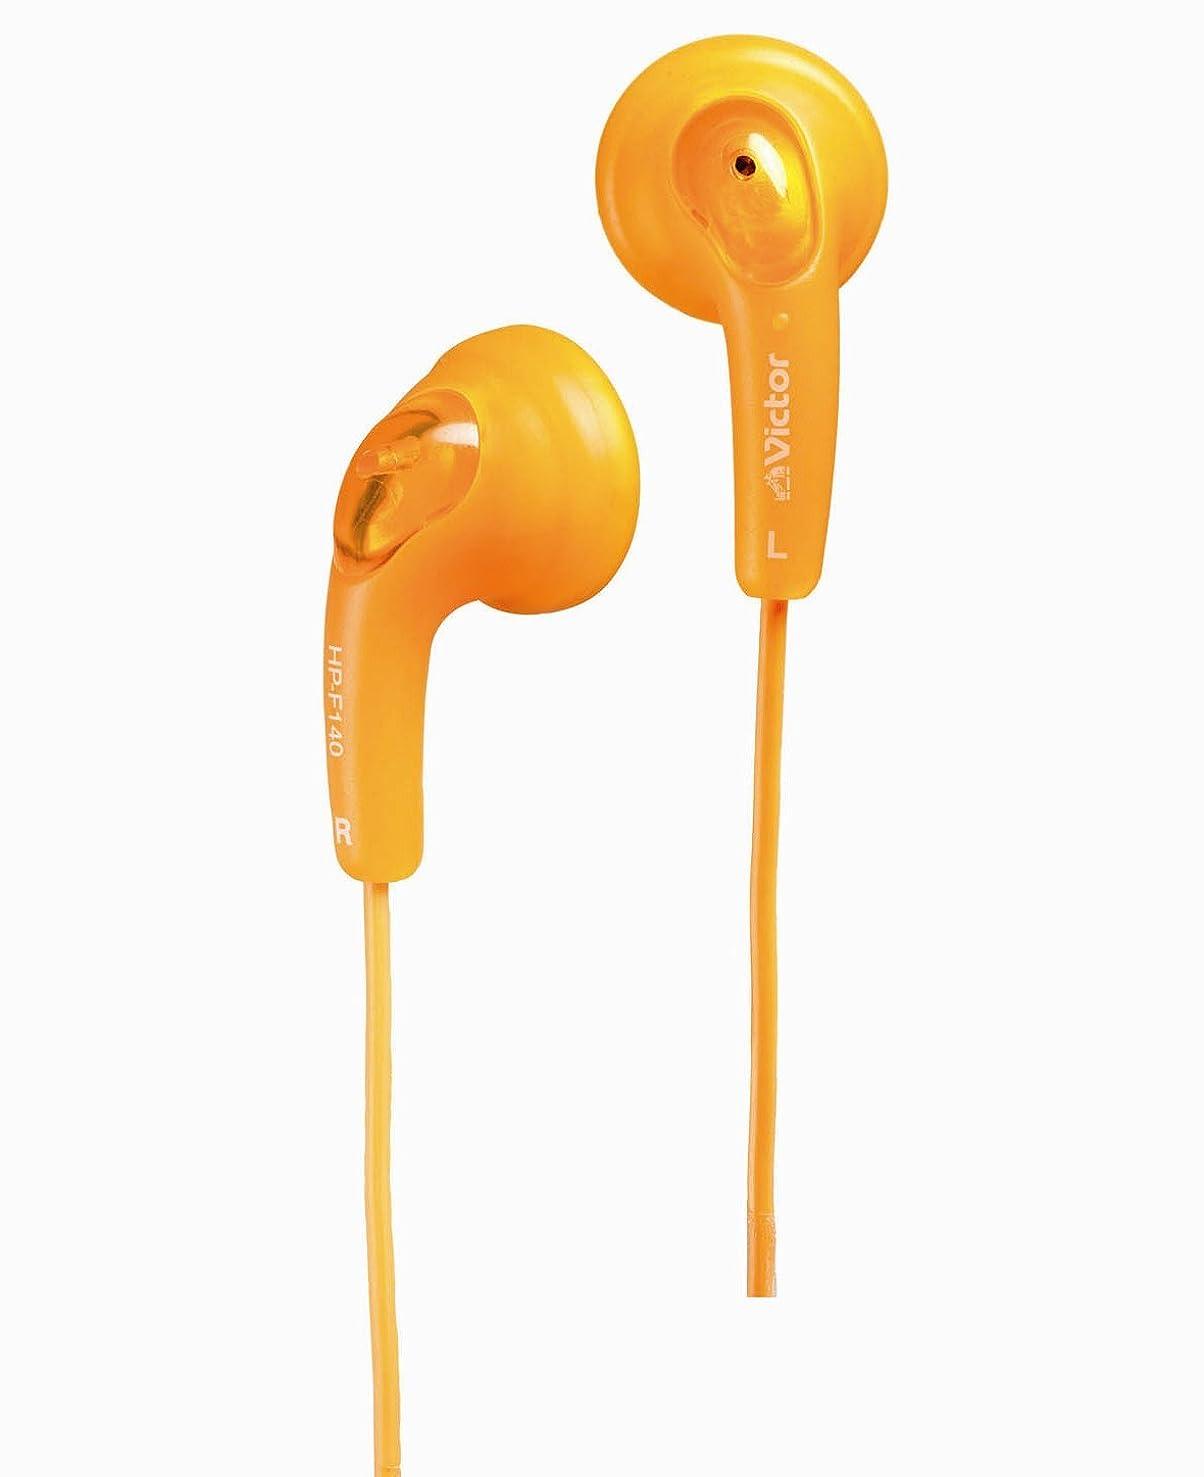 リスト医療の登録JVC HP-F140-D グミホン ステレオミニイヤホン オレンジ